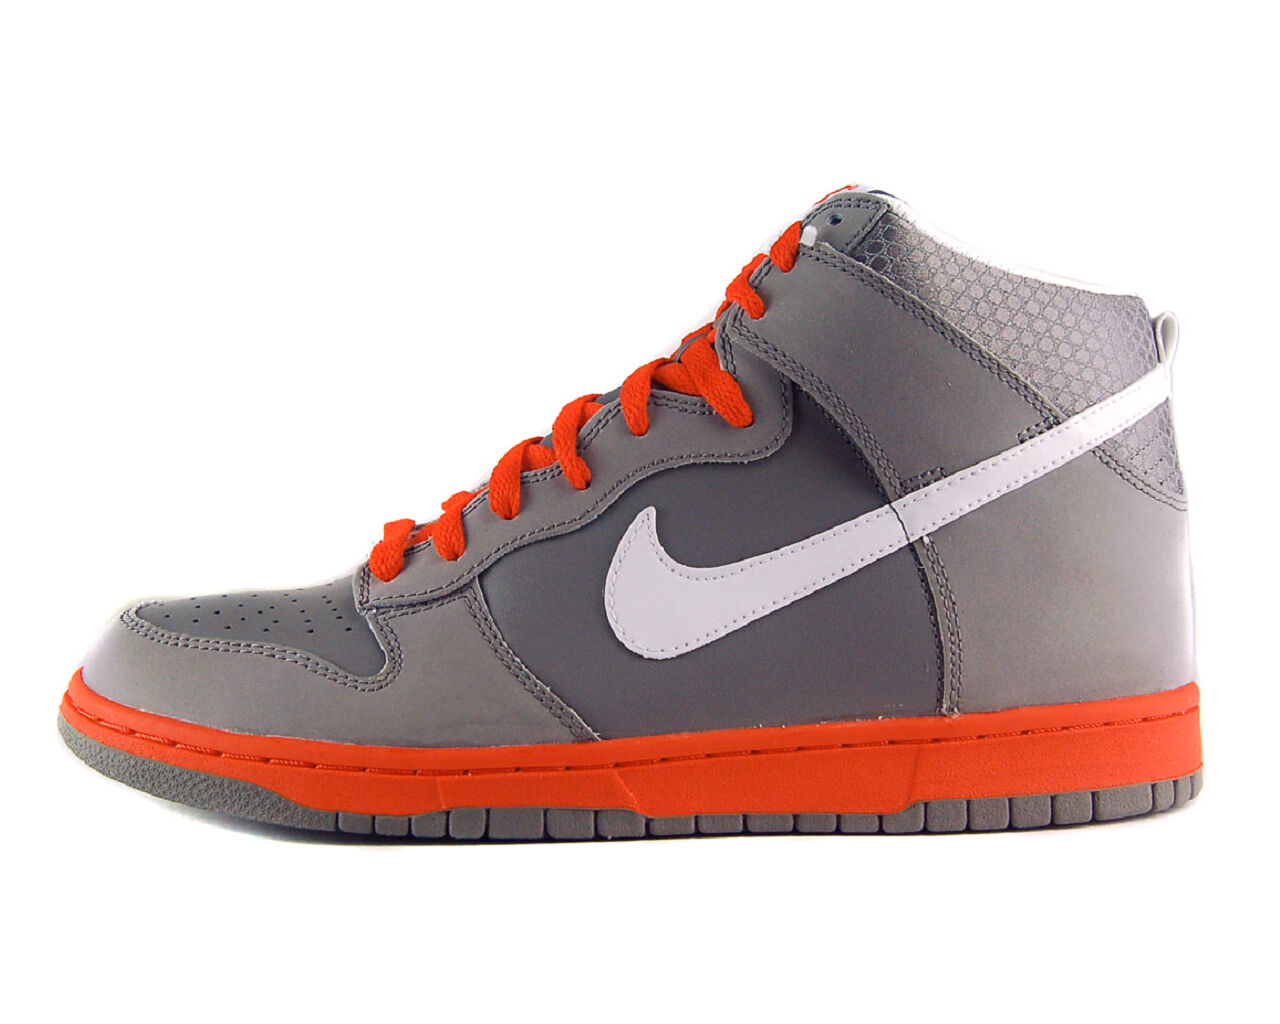 Nike e alto jordan roshe sb aria libera supremo supremo supremo 10,5 b1268e